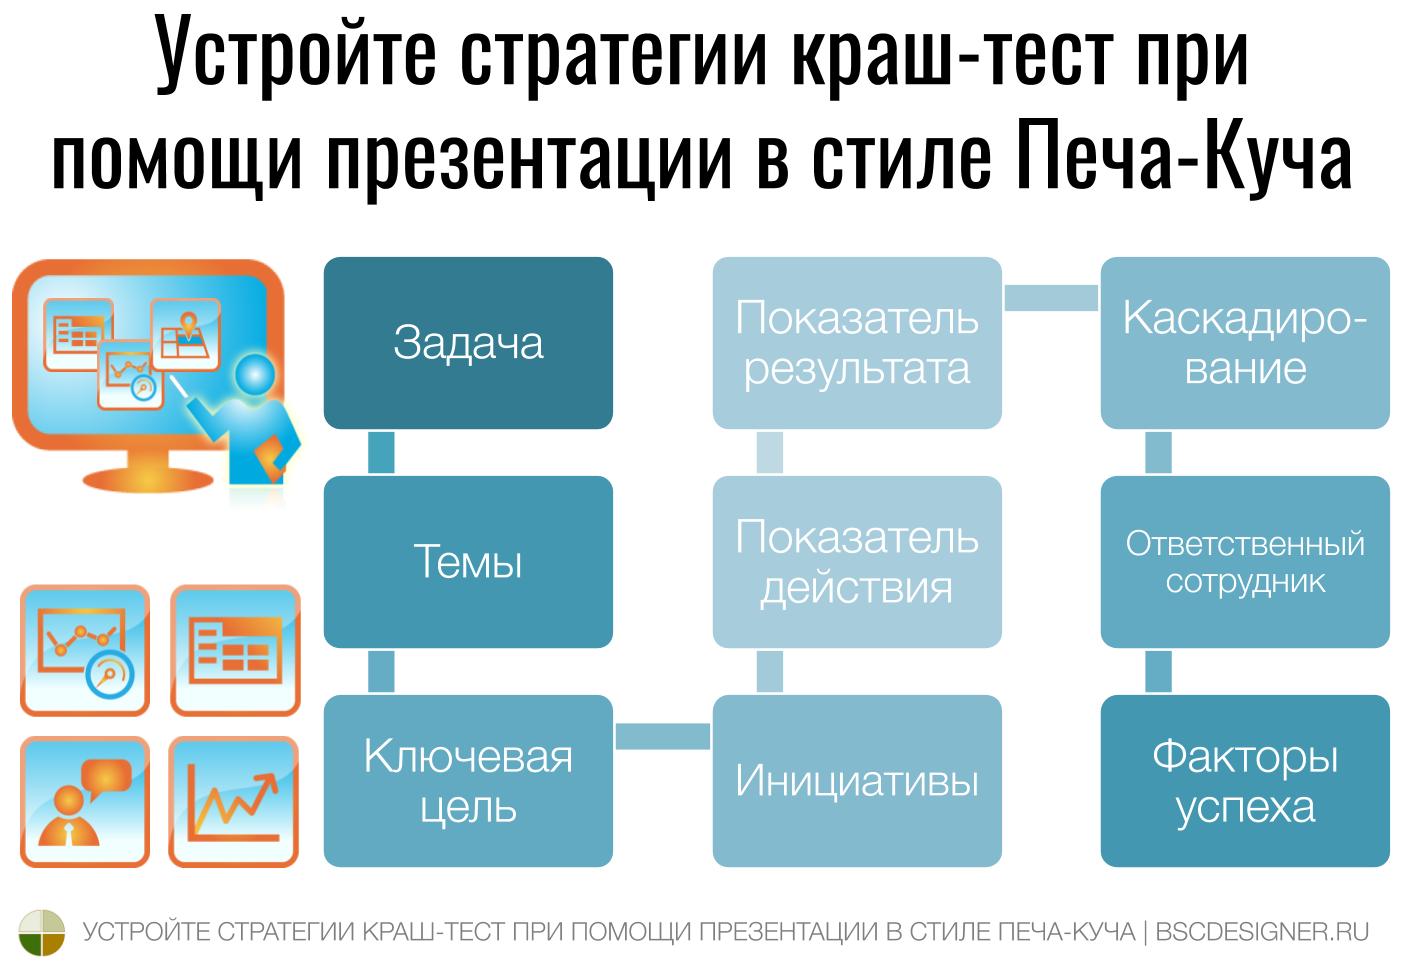 Устройте стратегии краш-тест при помощи презентации в стиле Печа-Куча